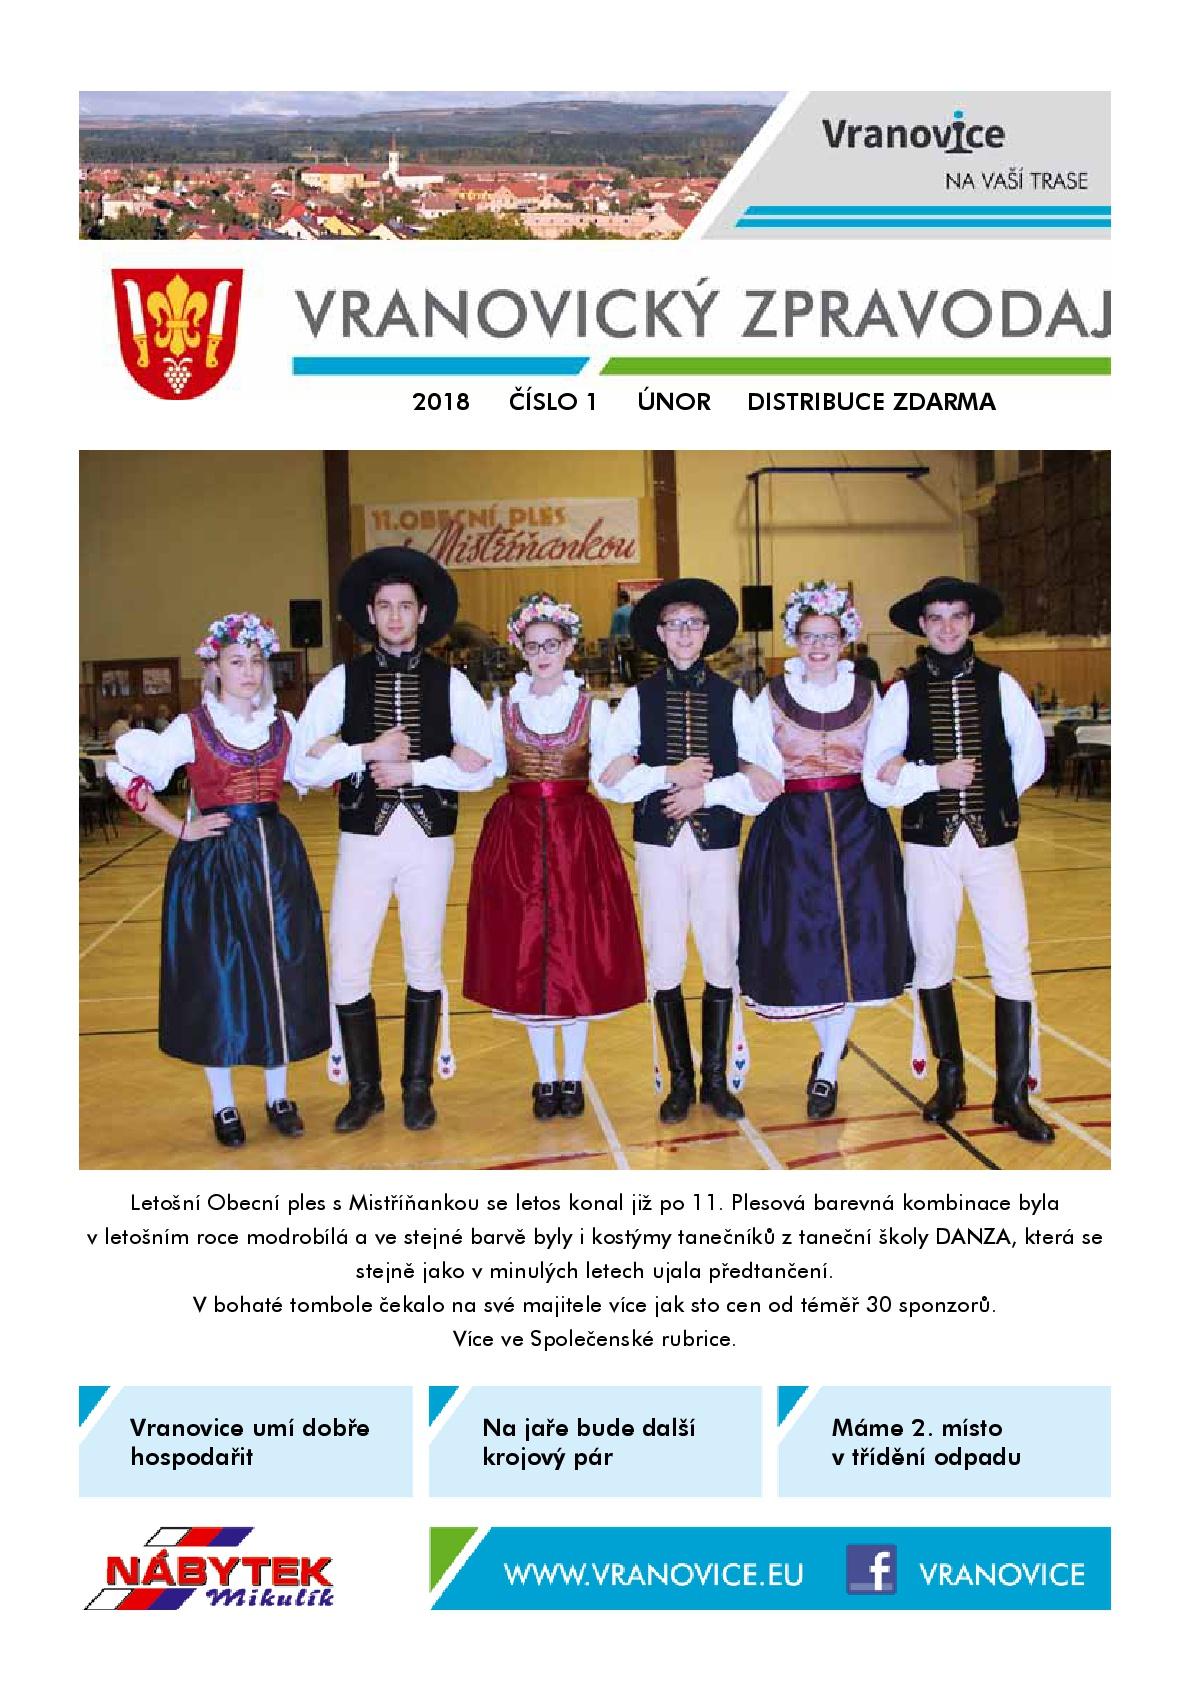 VranoviceZpravodaj012018-final-001